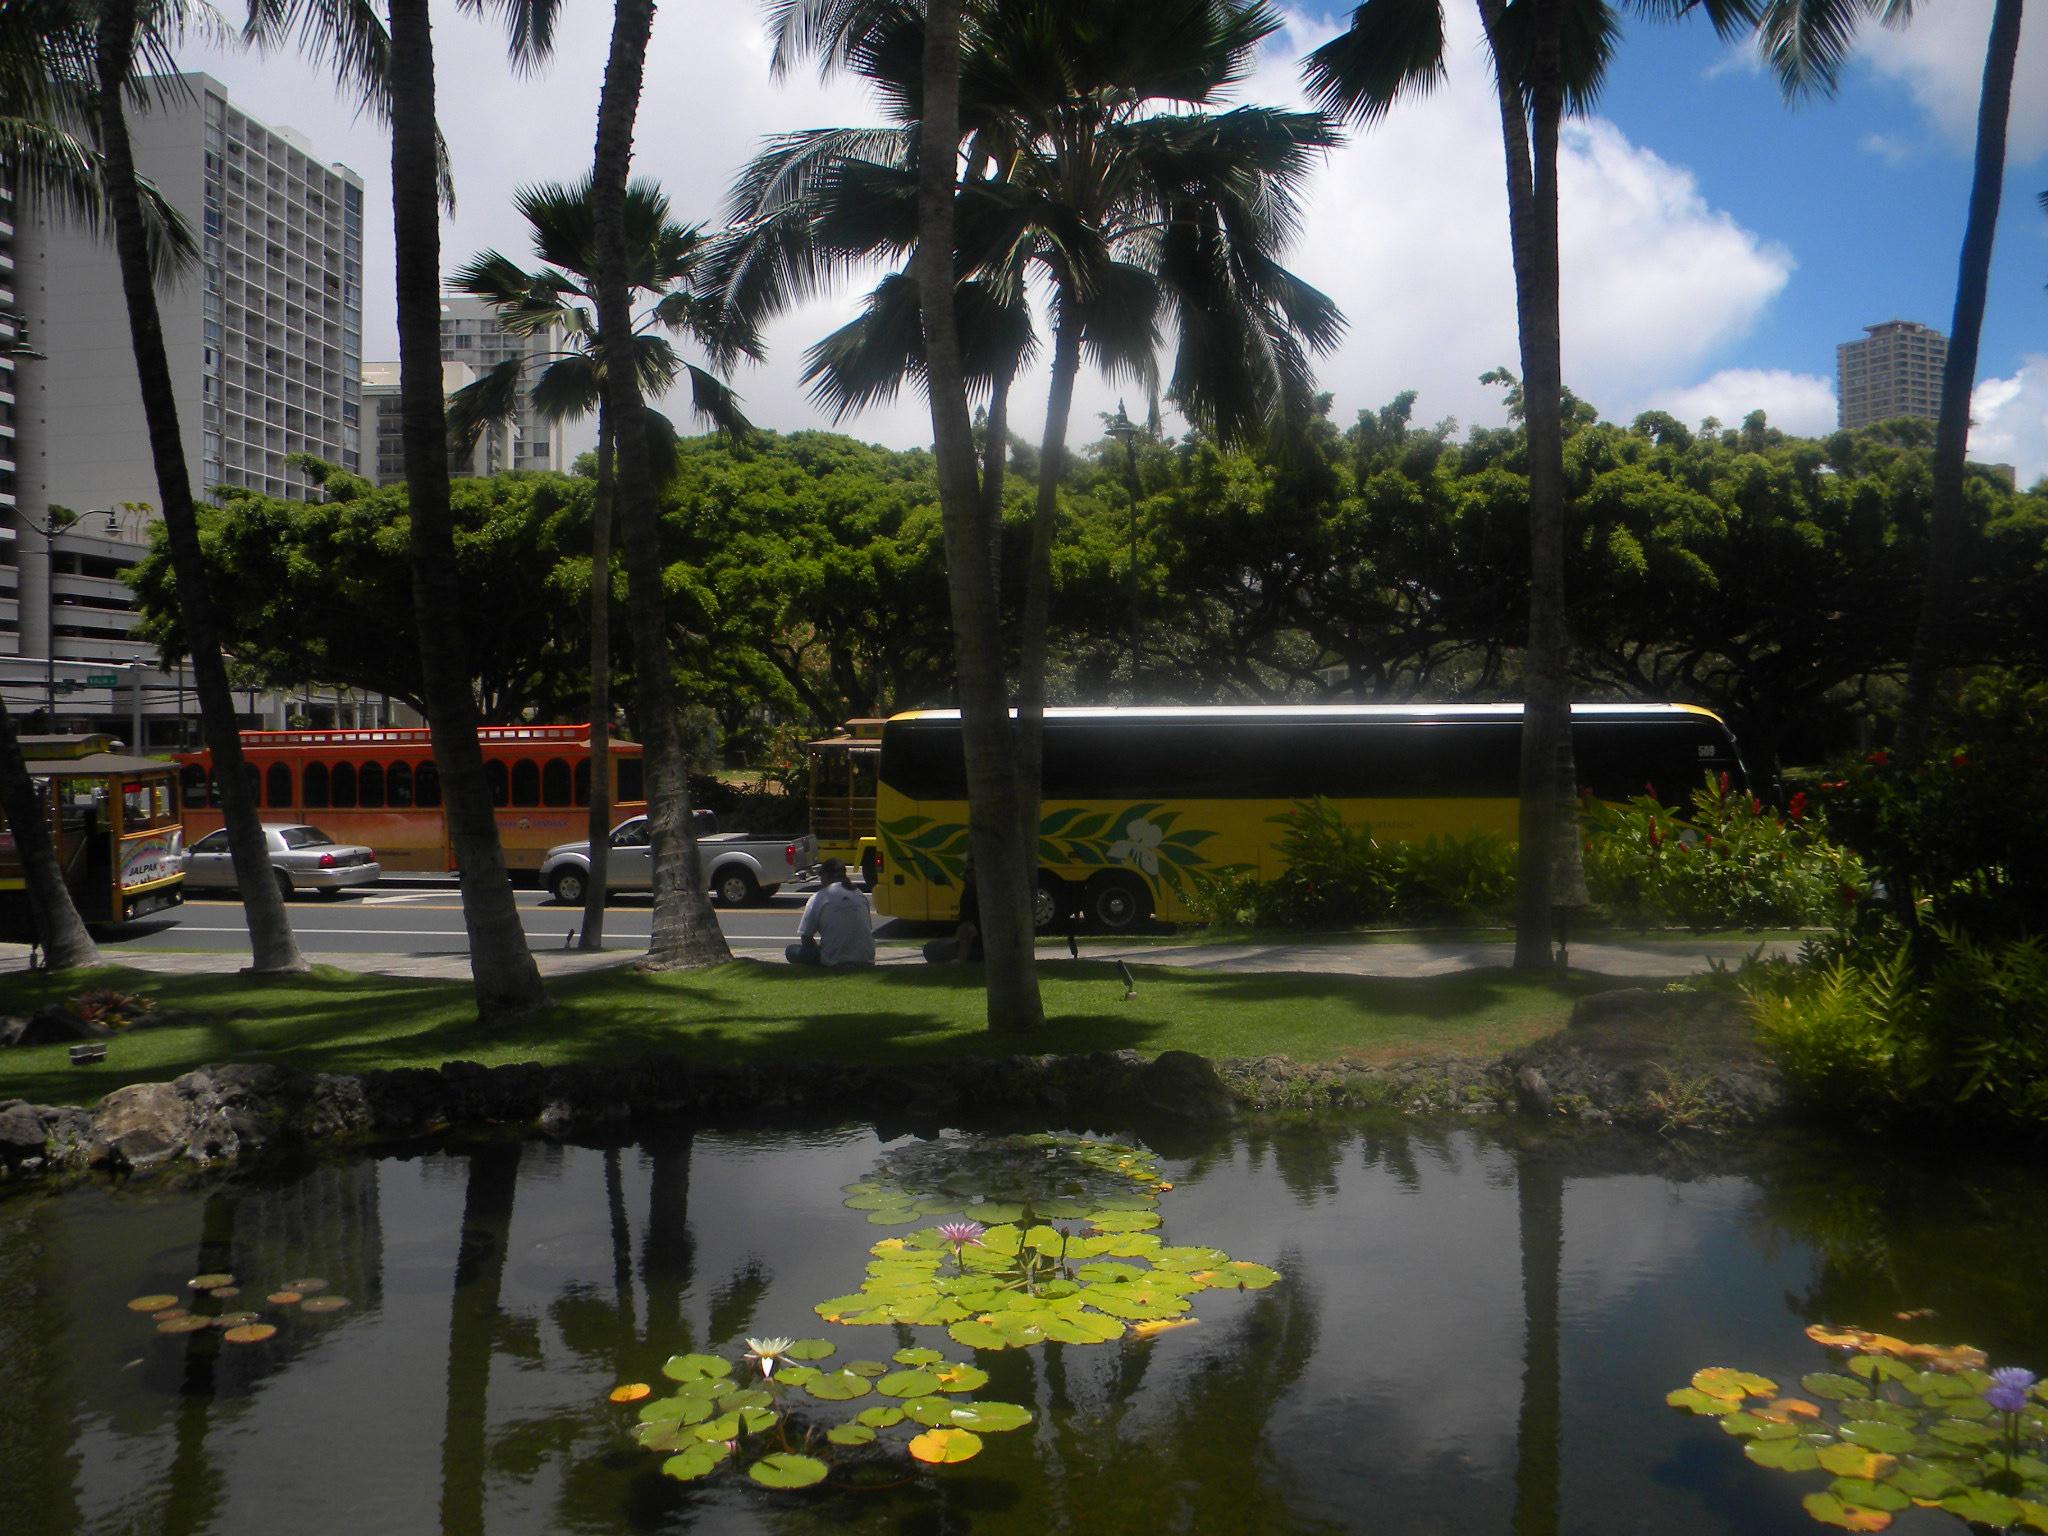 Honolulu city, July 31-August 7, 2012